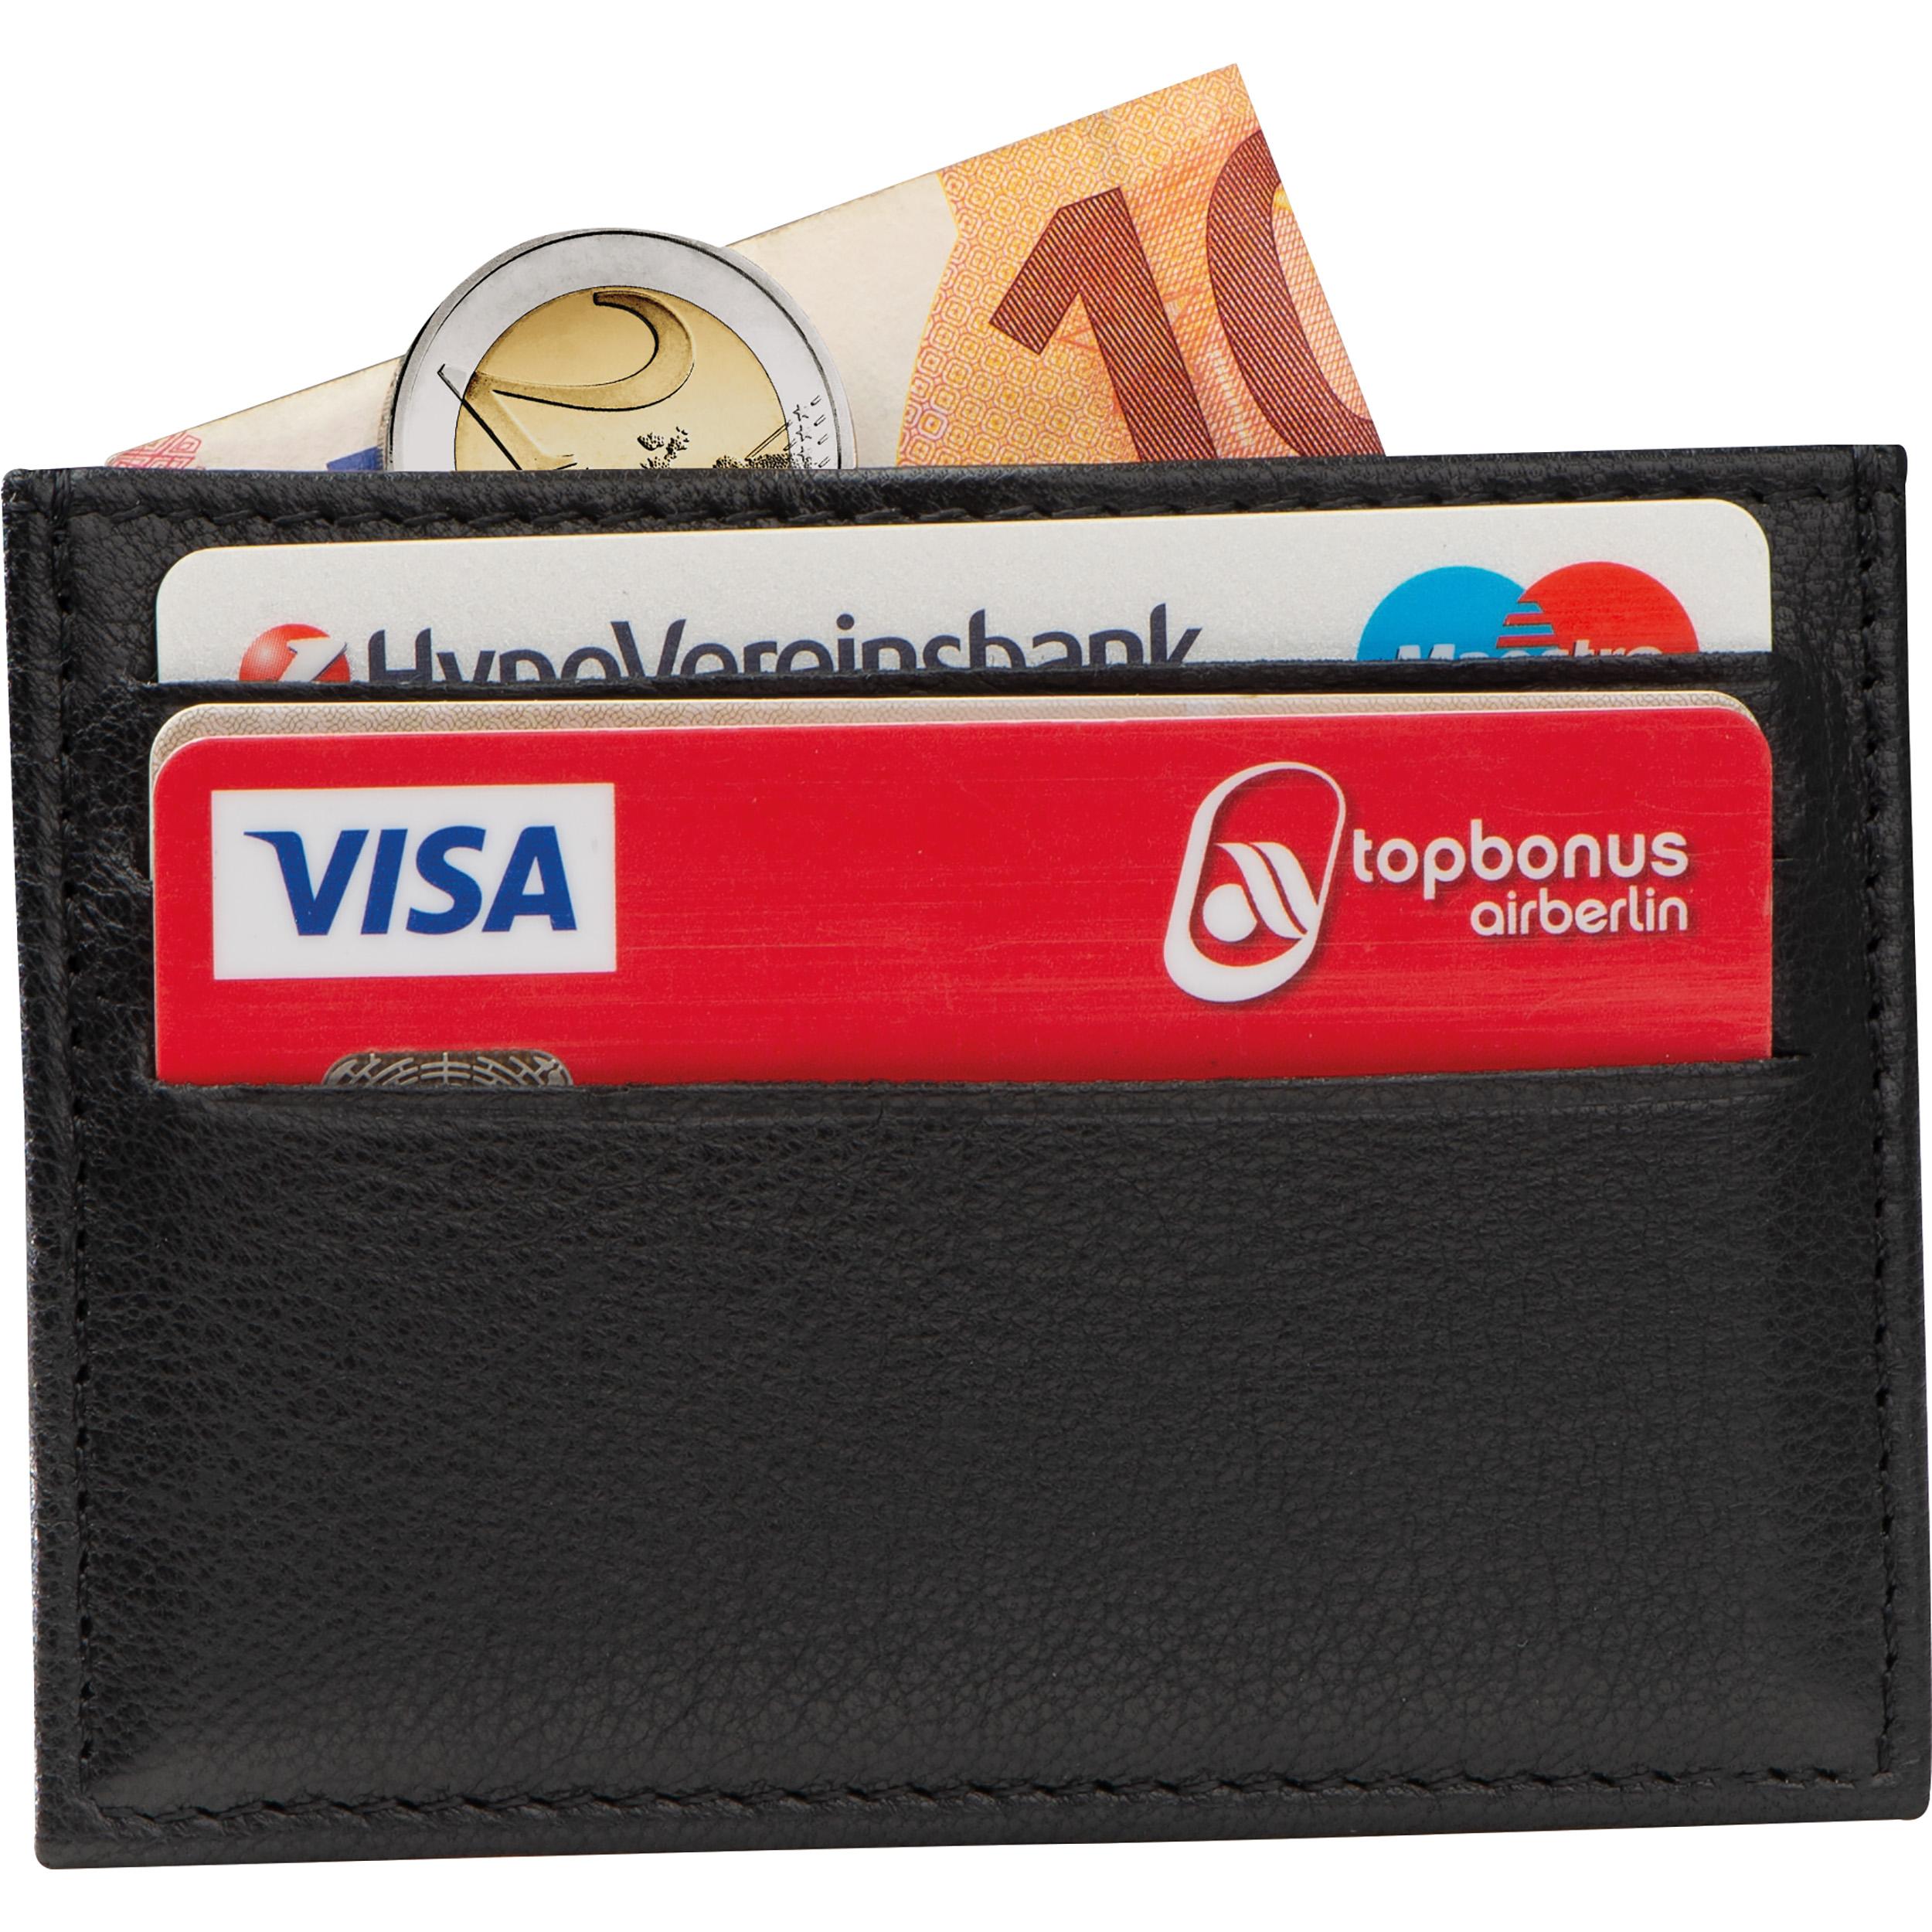 Etui en cuir pour cartes de crédit RFID